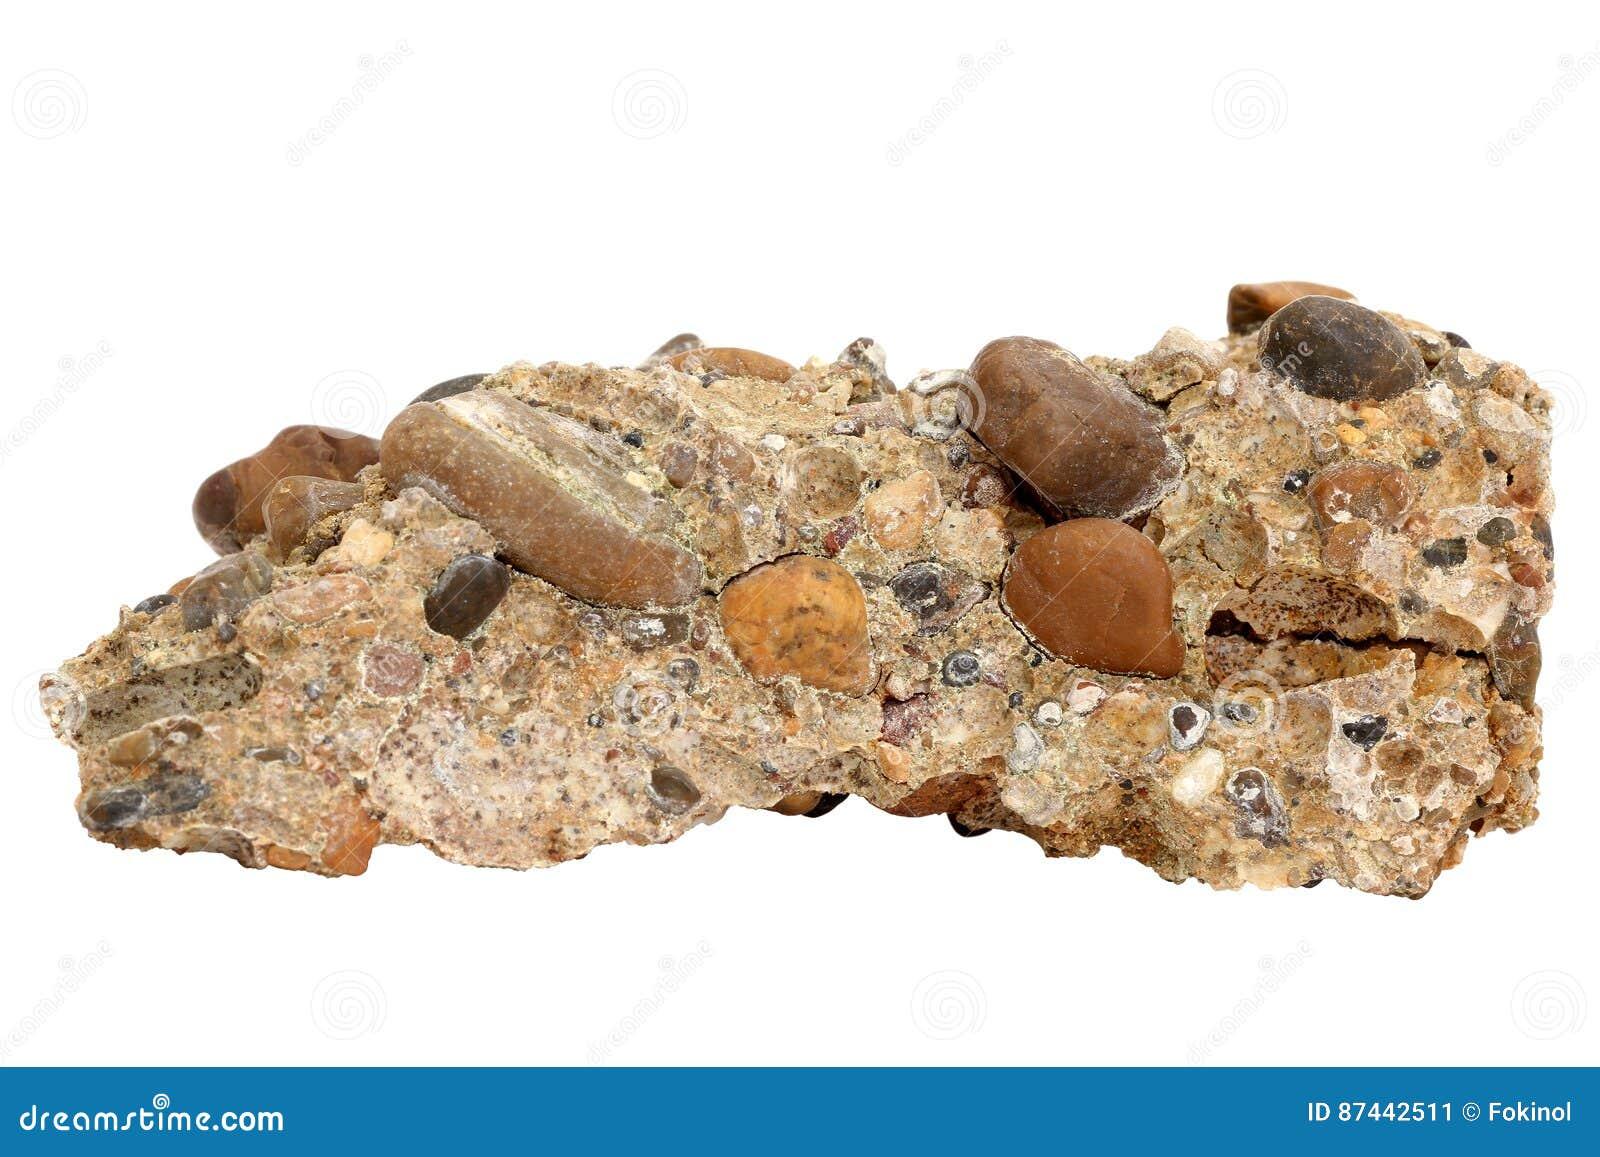 Φυσικό δείγμα του βράχου συγκροτημάτων επιχειρήσεων από το τσιμενταρισμένο αμμοχάλικο και των χαλικιών στο άσπρο υπόβαθρο